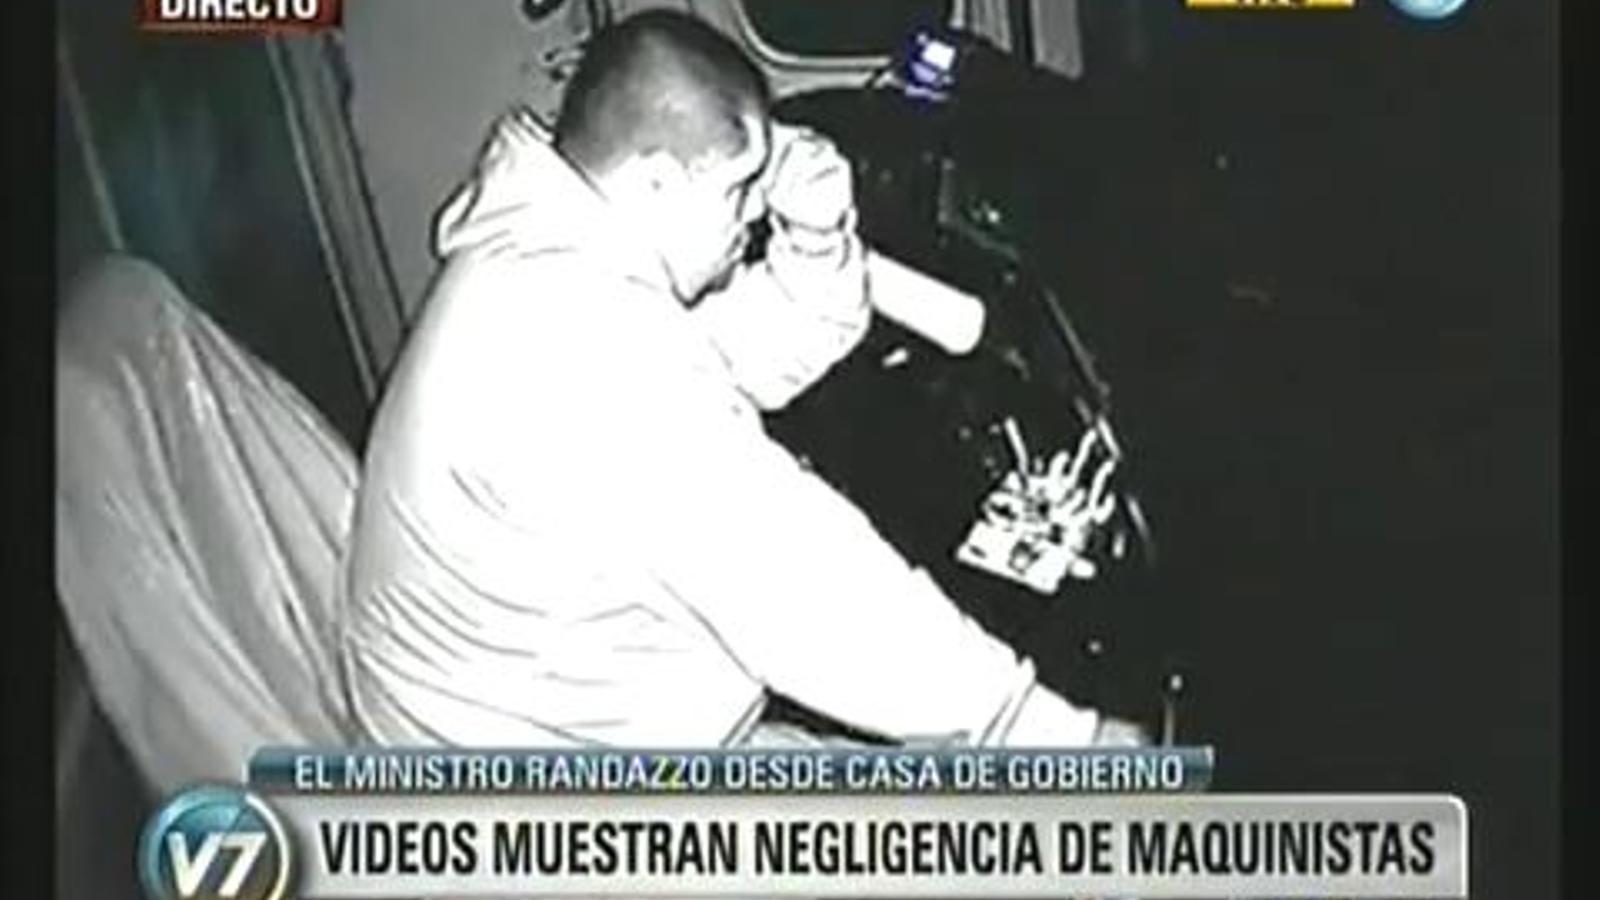 Polèmica a l'Argentina per la difusió de vídeos de maquinistes dormint, llegint o jugant amb el mòbil